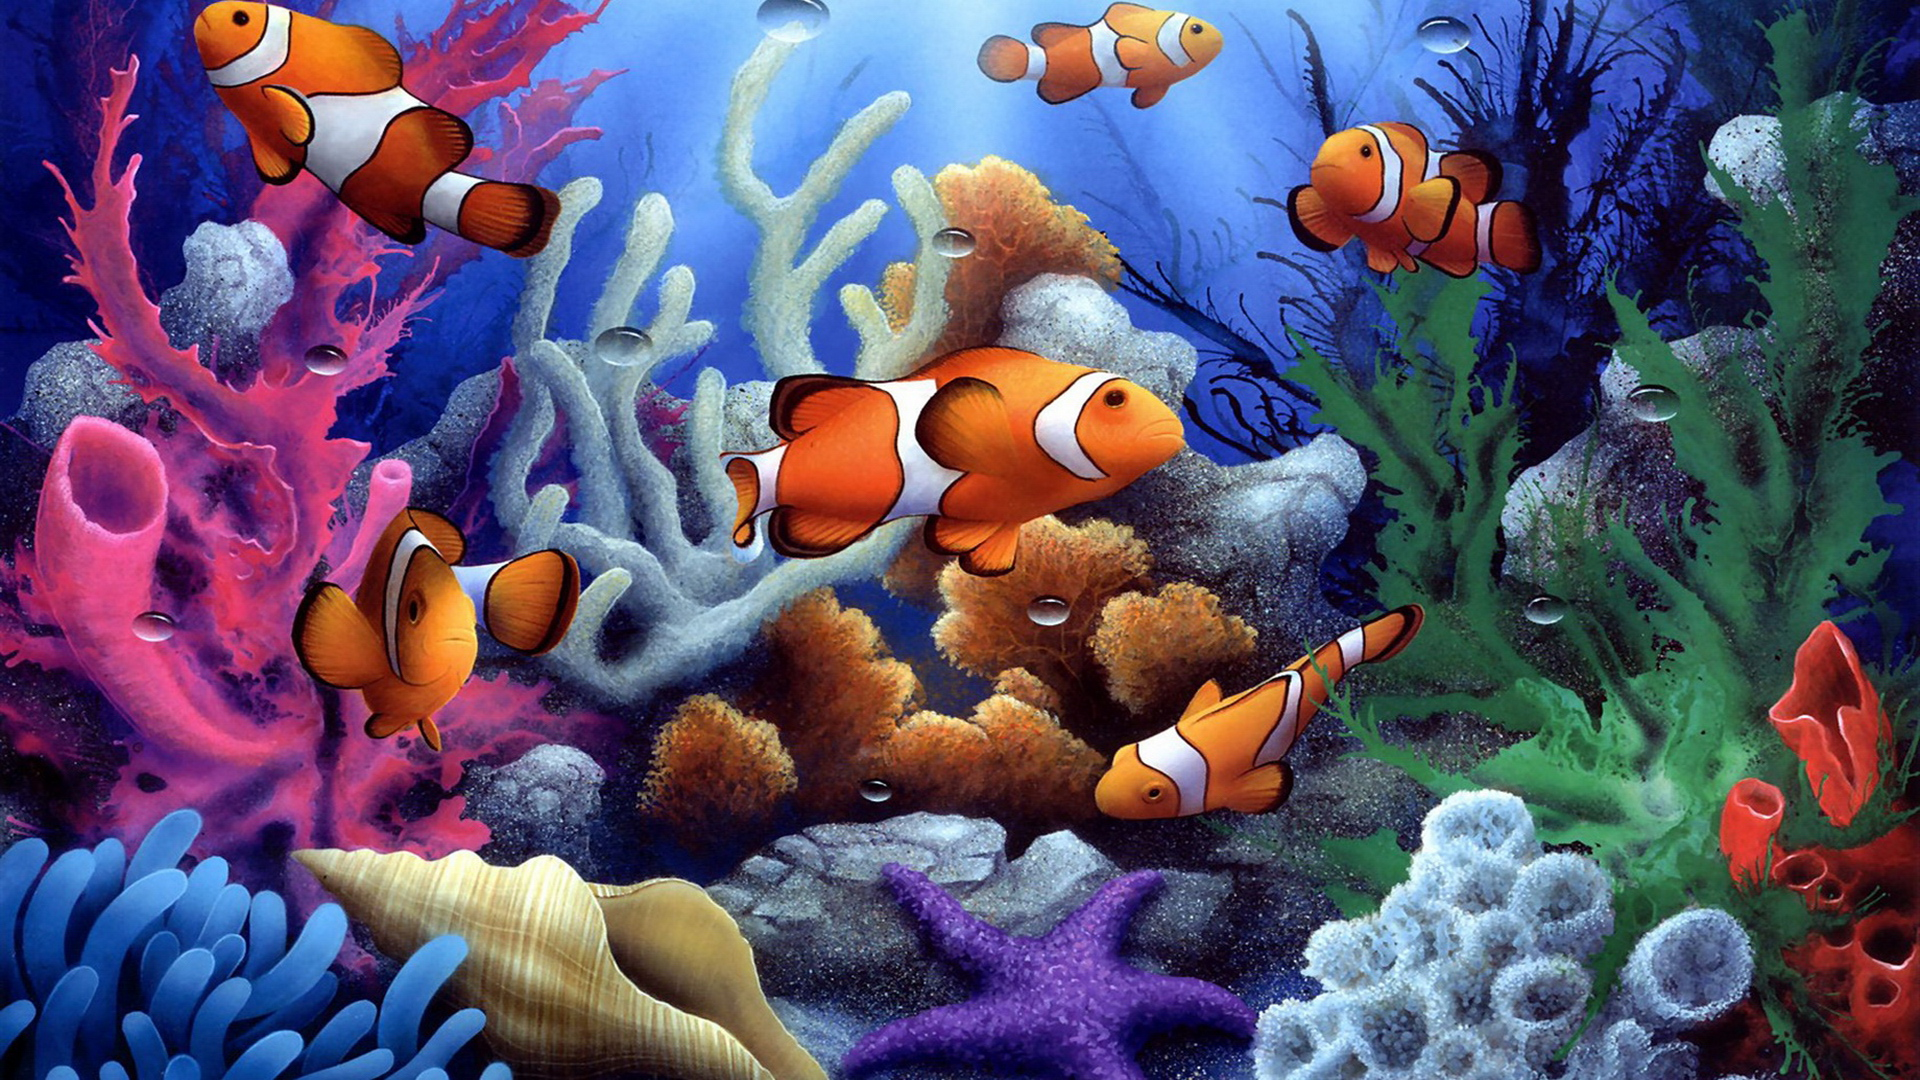 37 Colorful Underwater Fish Wallpaper On Wallpapersafari